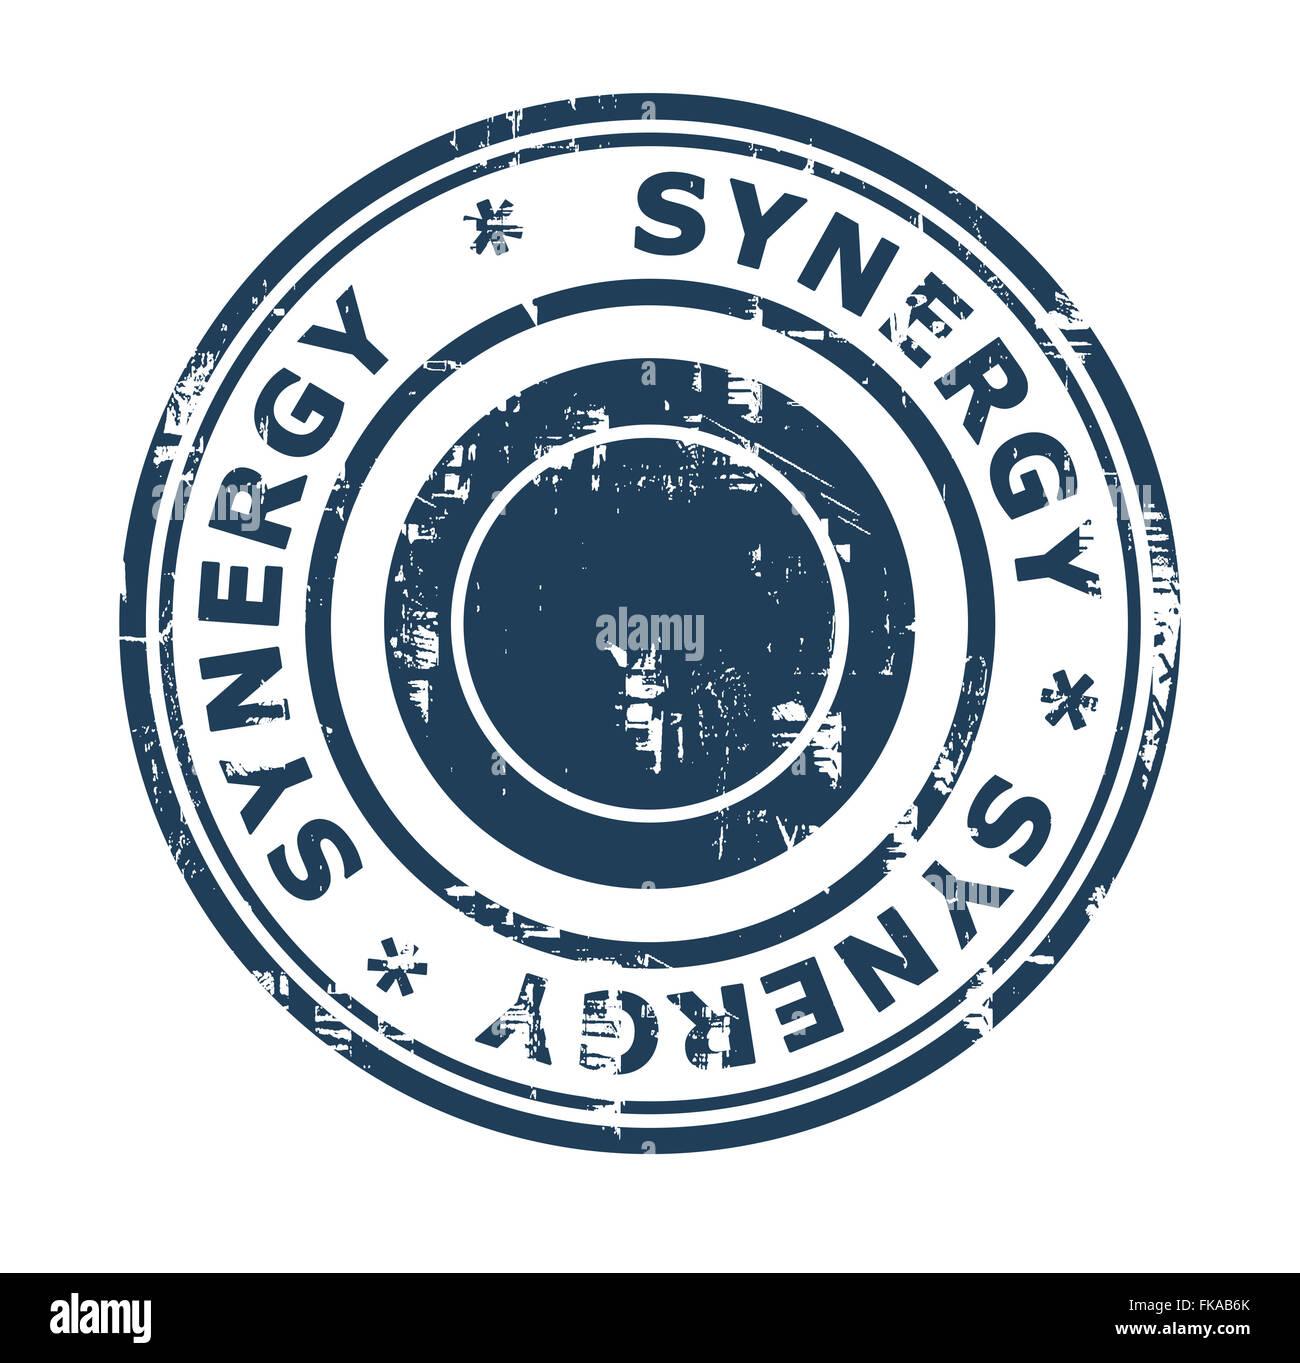 Concepto de sinergia empresarial sello aislado sobre un fondo blanco. Imagen De Stock